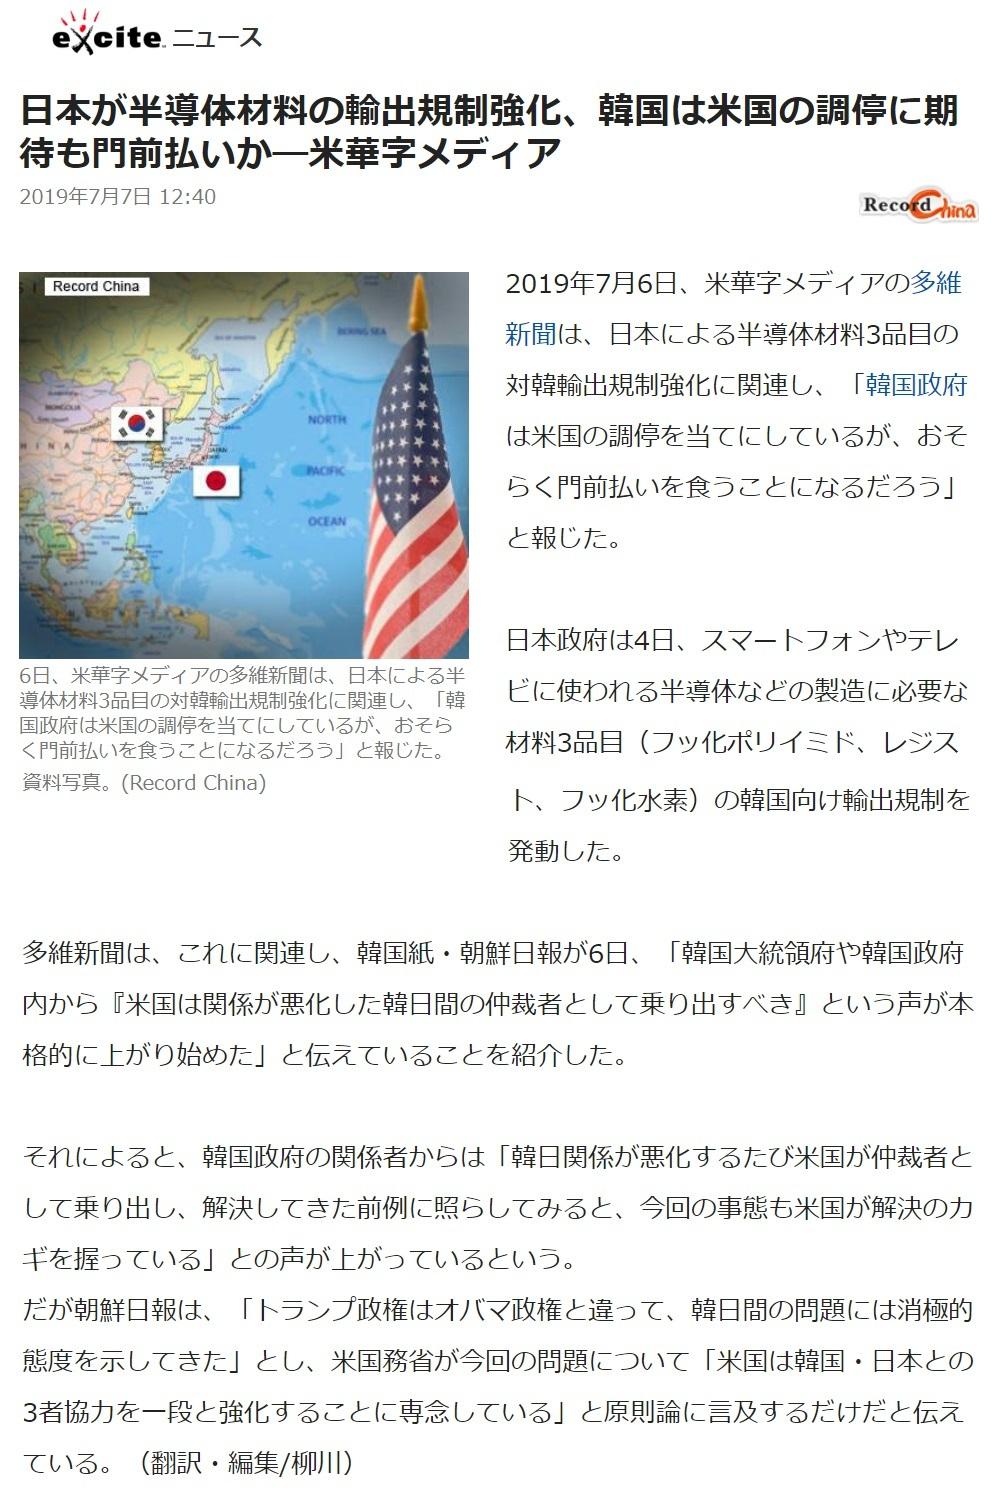 米華字メディア「チョンは門前払い」